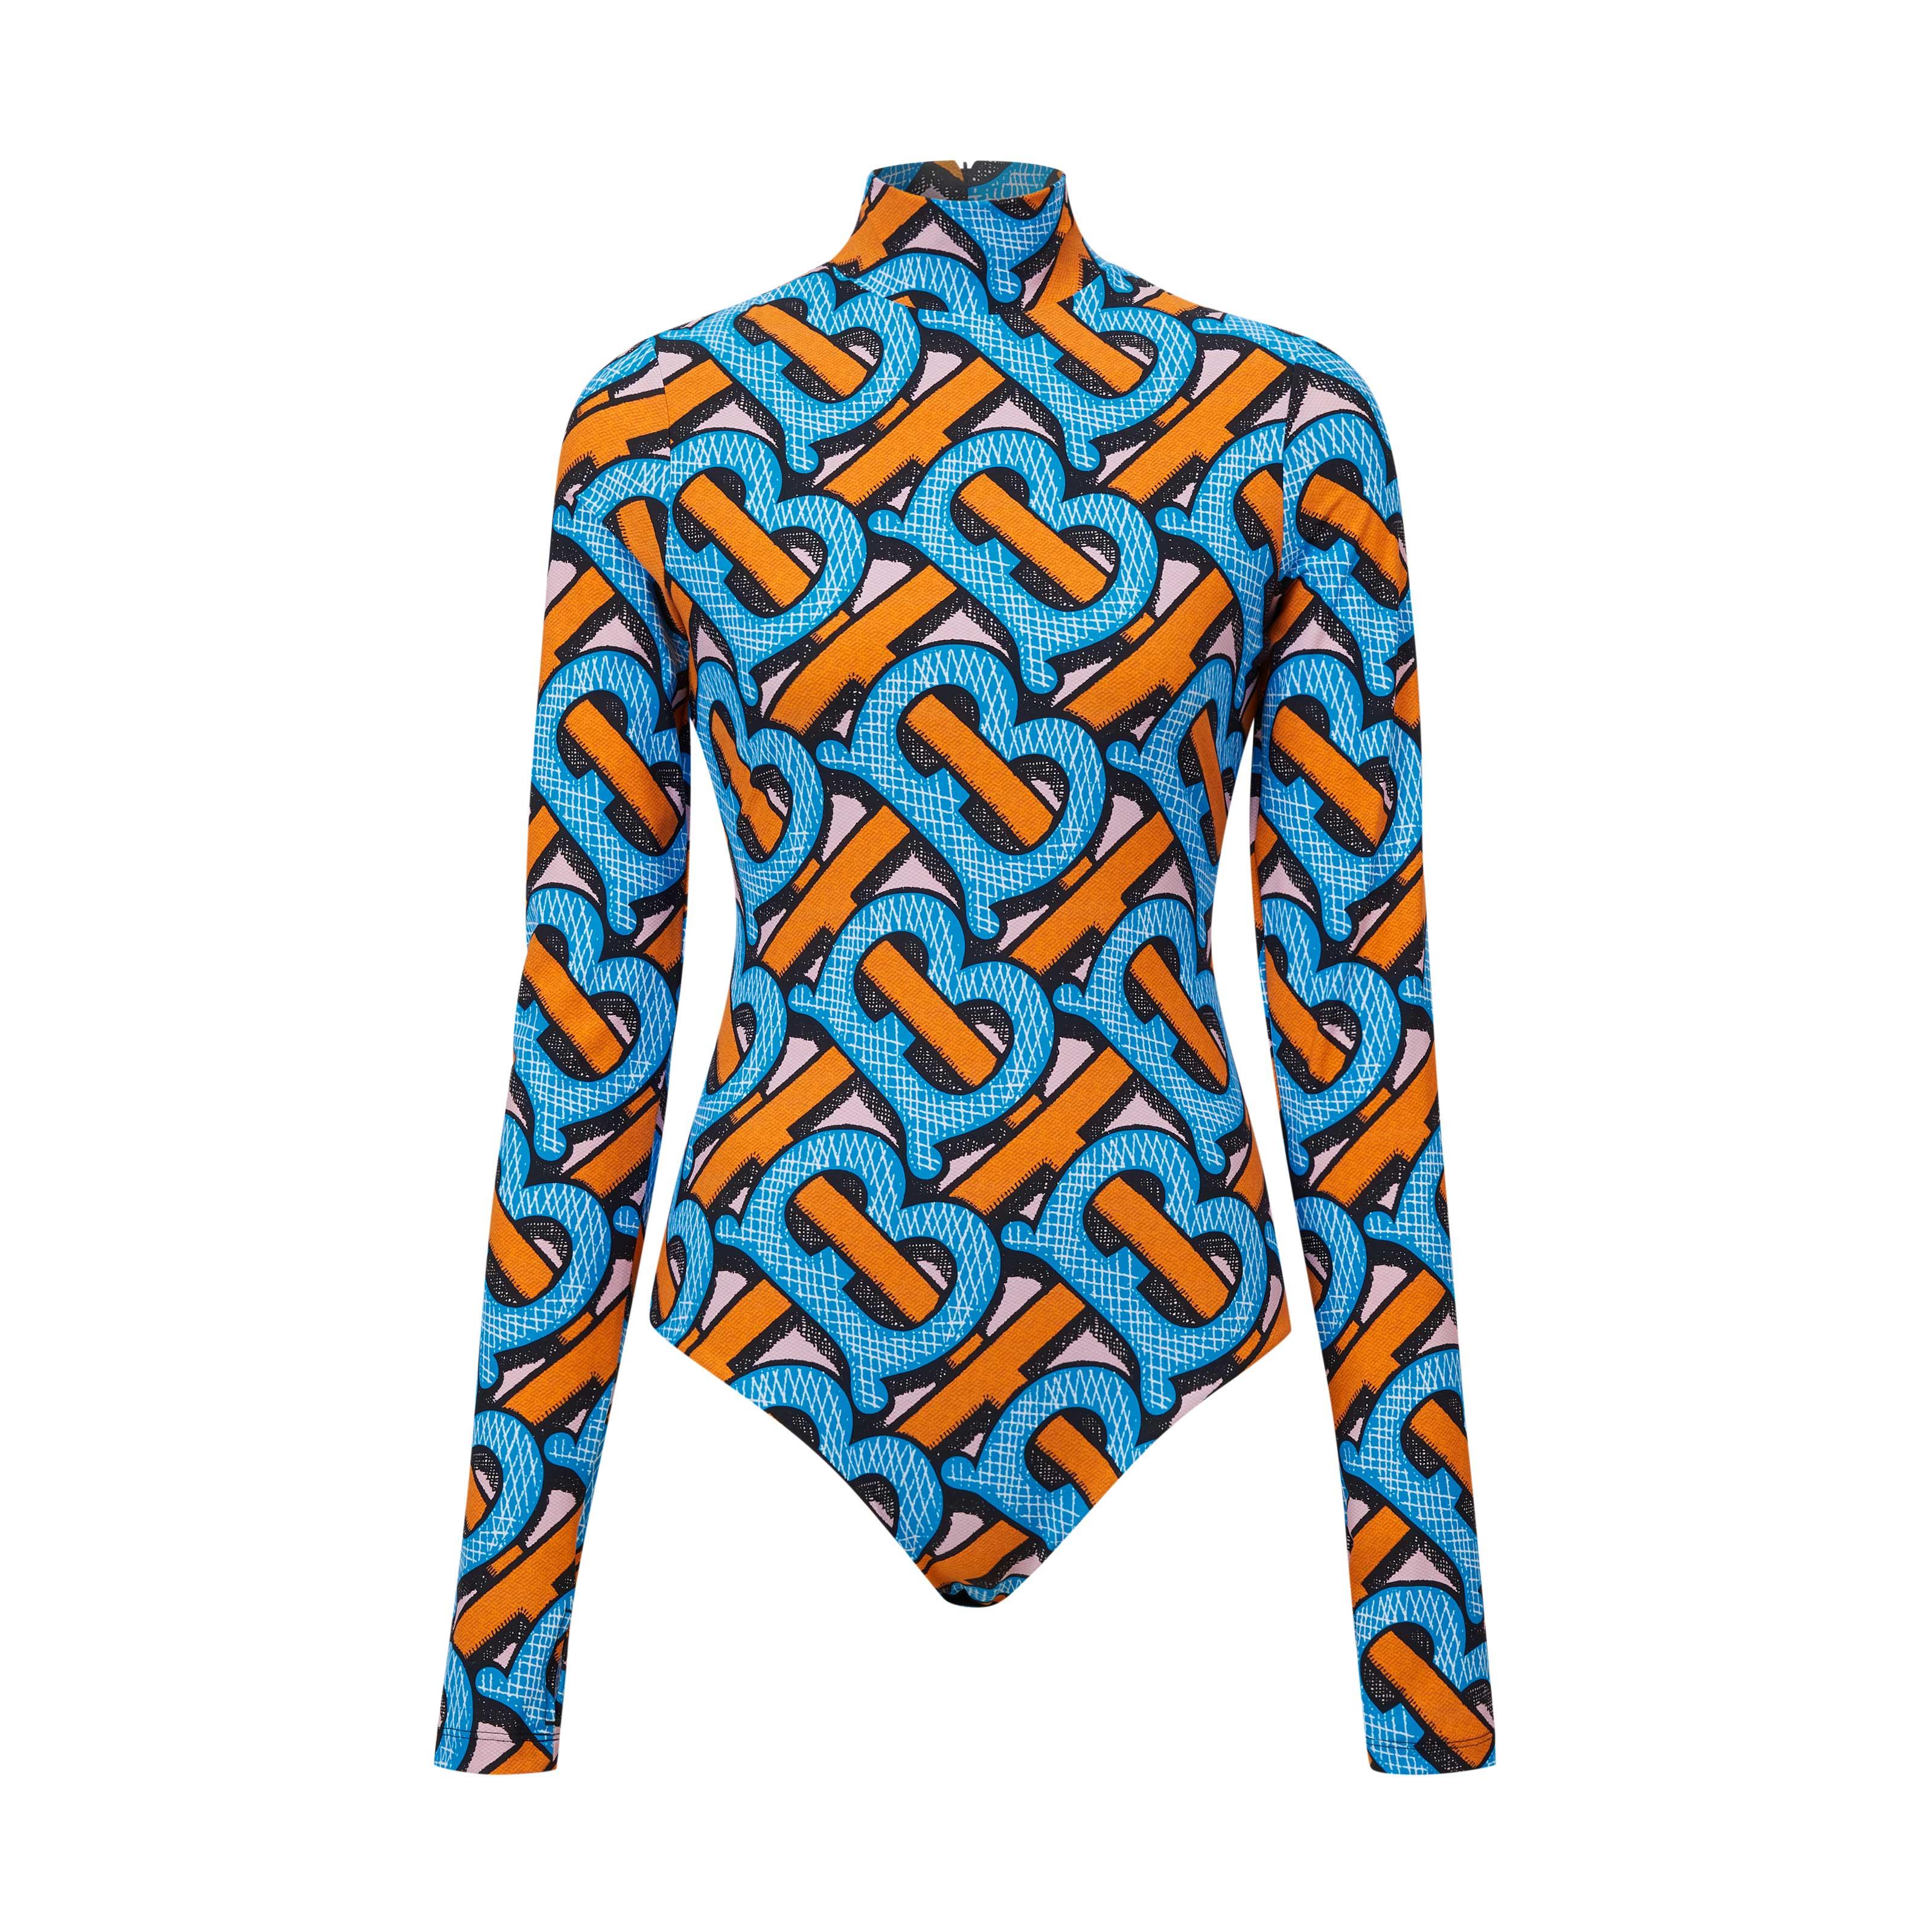 bodysuit tay dài in họa tiết màu xanh và cam trong BST Burberry TB Summer Monogram